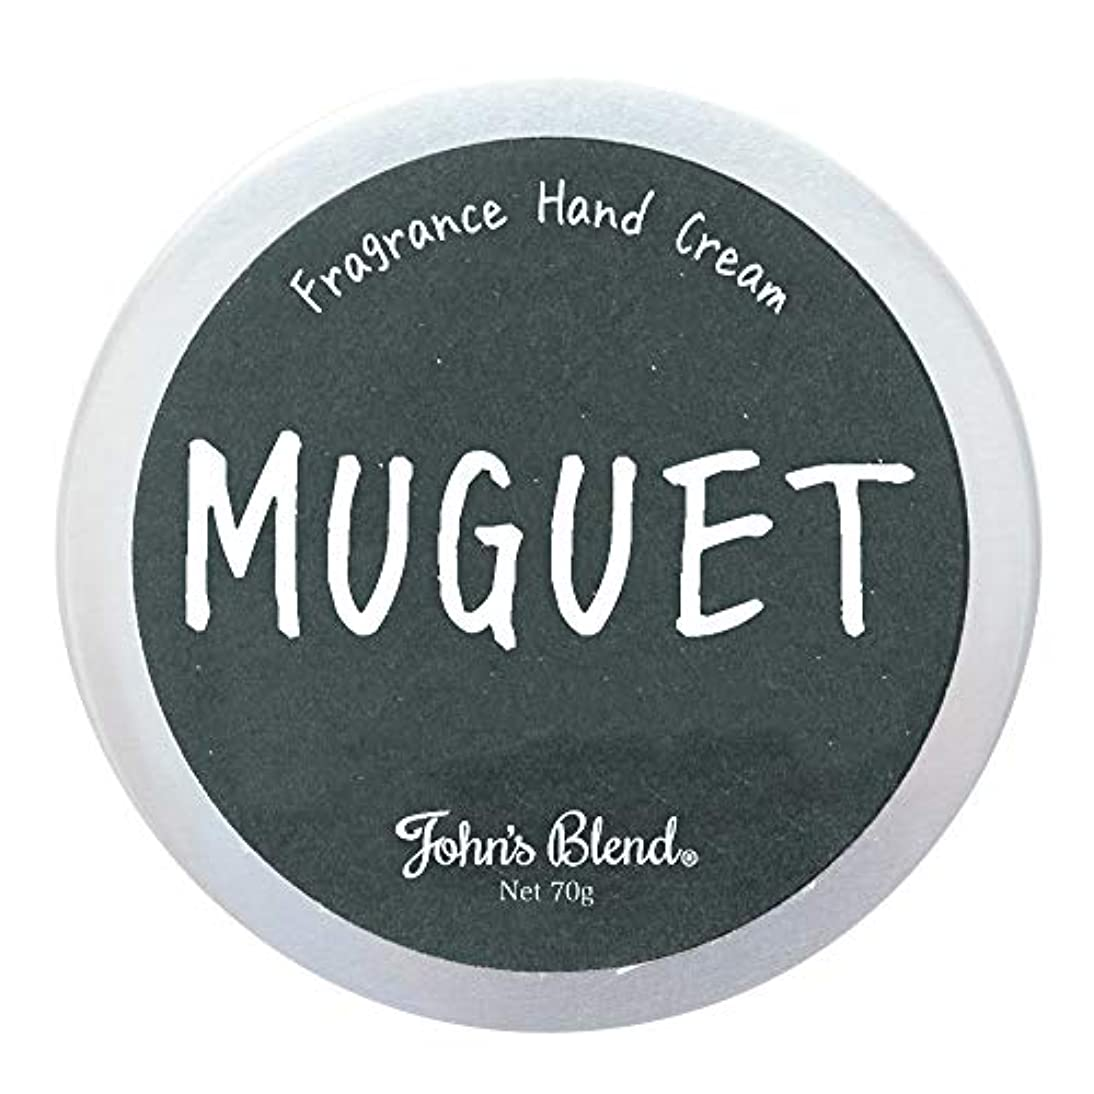 著名な三ジャベスウィルソンJohn's Blend フレグランスハンドクリーム ミュゲ ノルコーポレーション OZJOD0108